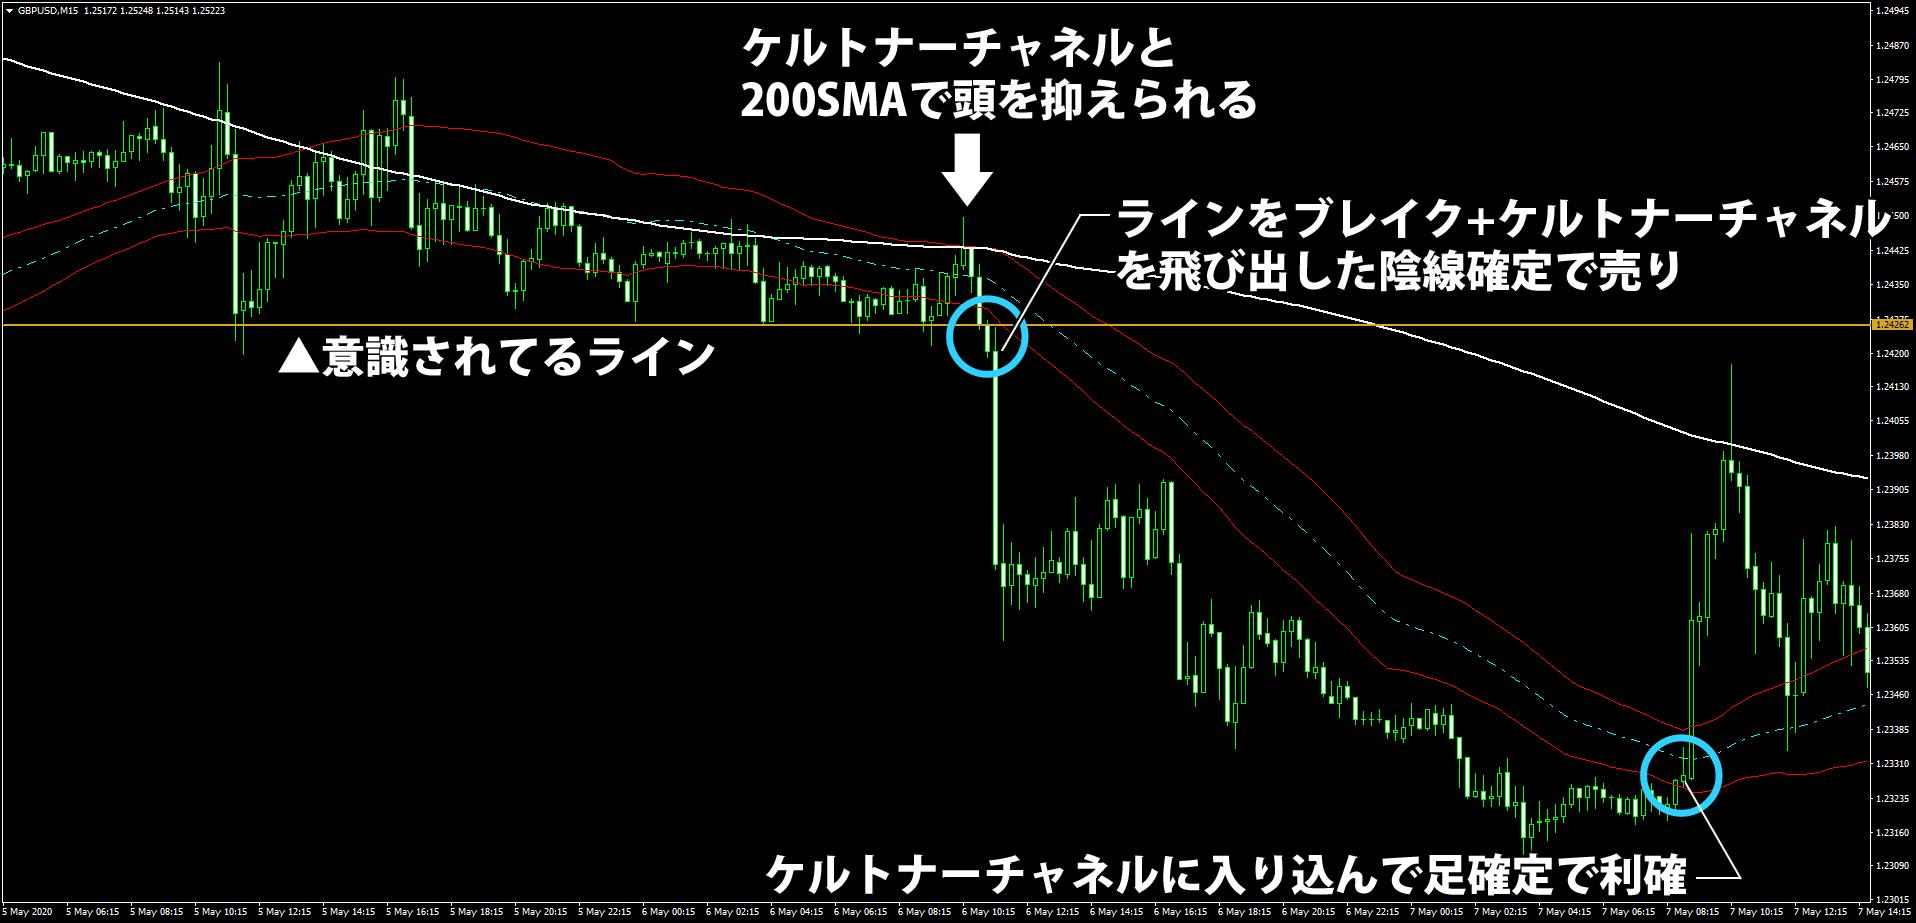 ポンドドルでケルトナーチャネルを使ったブレイク手法の解説